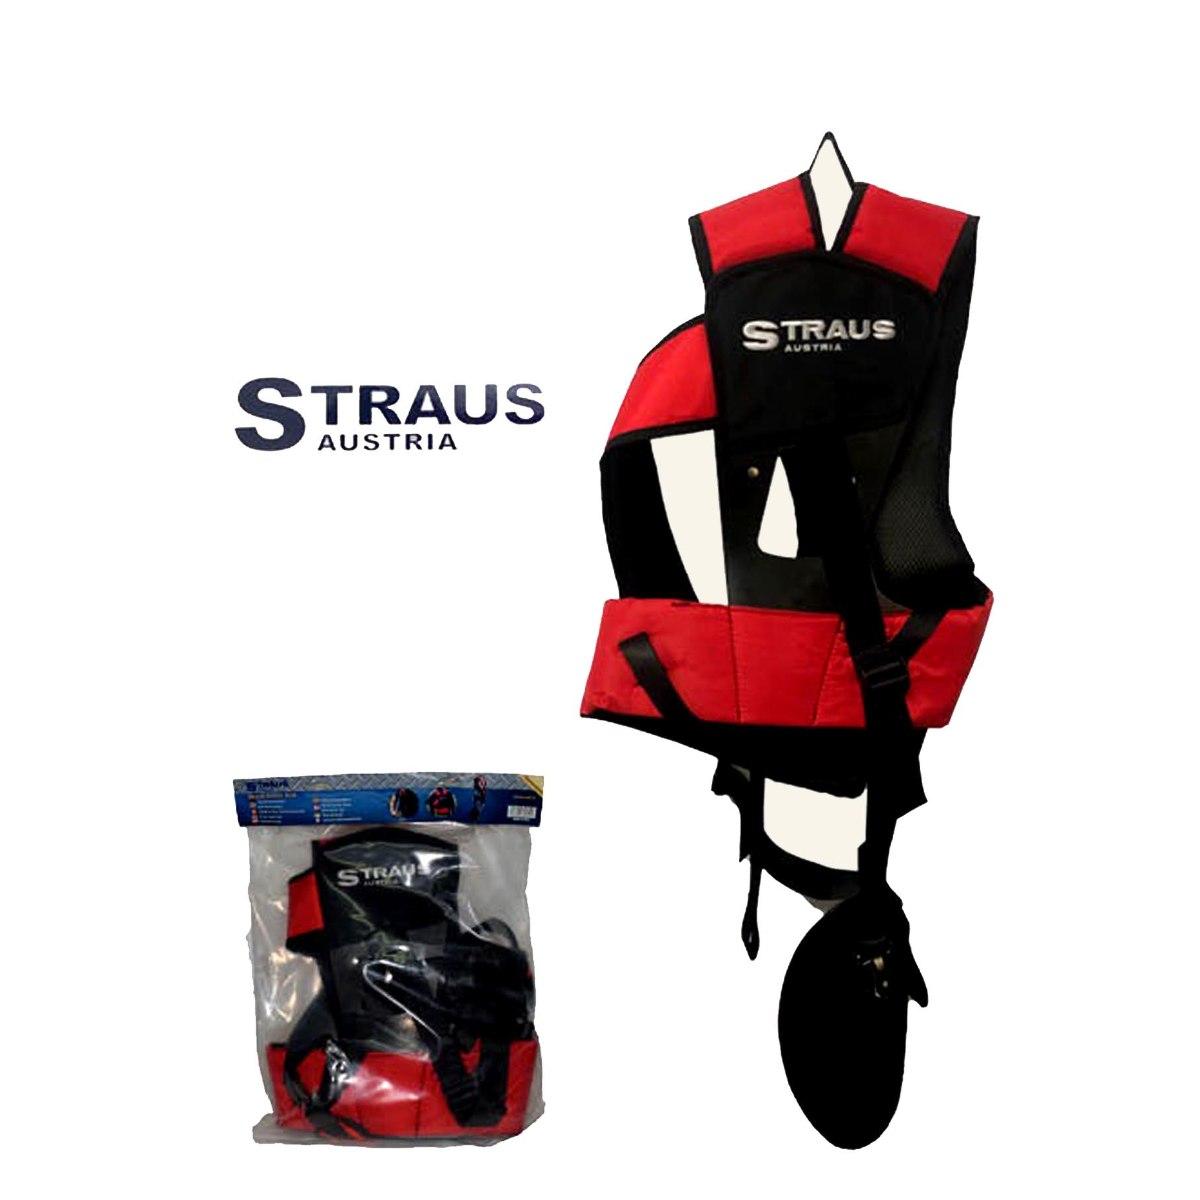 אפודה אורתופדית לחרמש וכלים מוטוריים של חברת Straus Austria